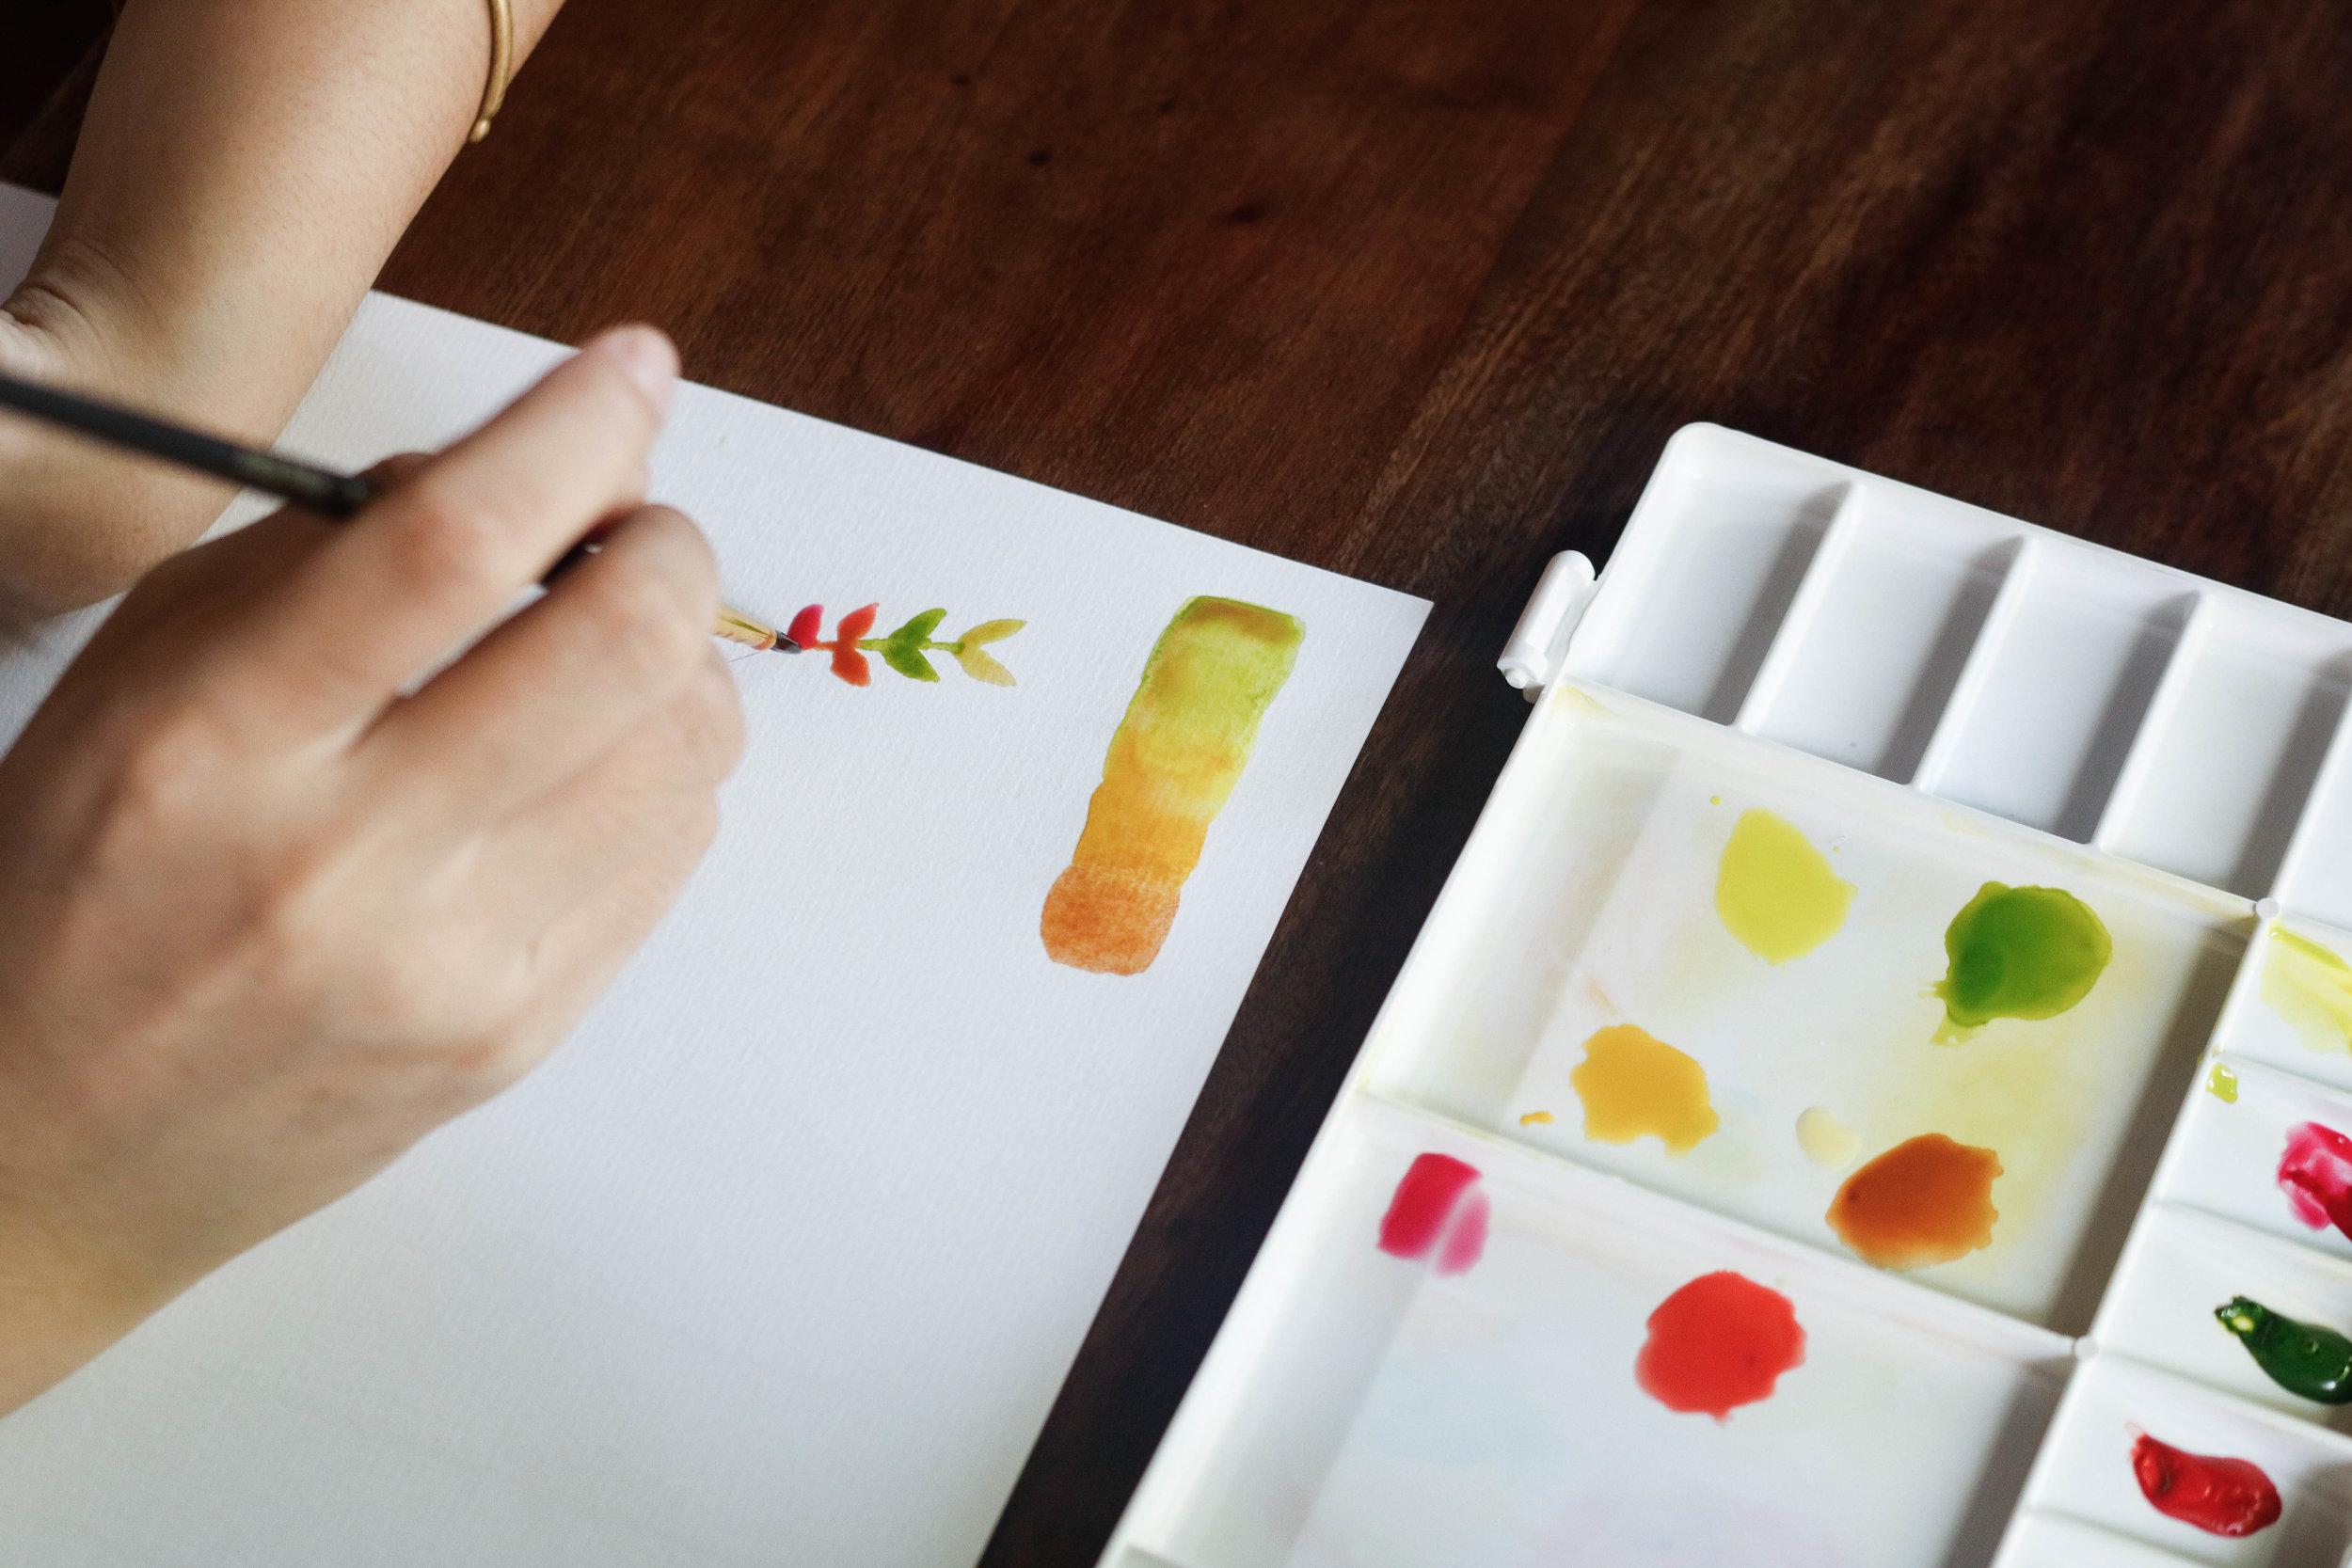 画家のLeRinさんと一緒に水彩画を学ぼう - Hum Vegetarian, Garden & Restaurant32 D10, Thao Dien, District 2, HCM city